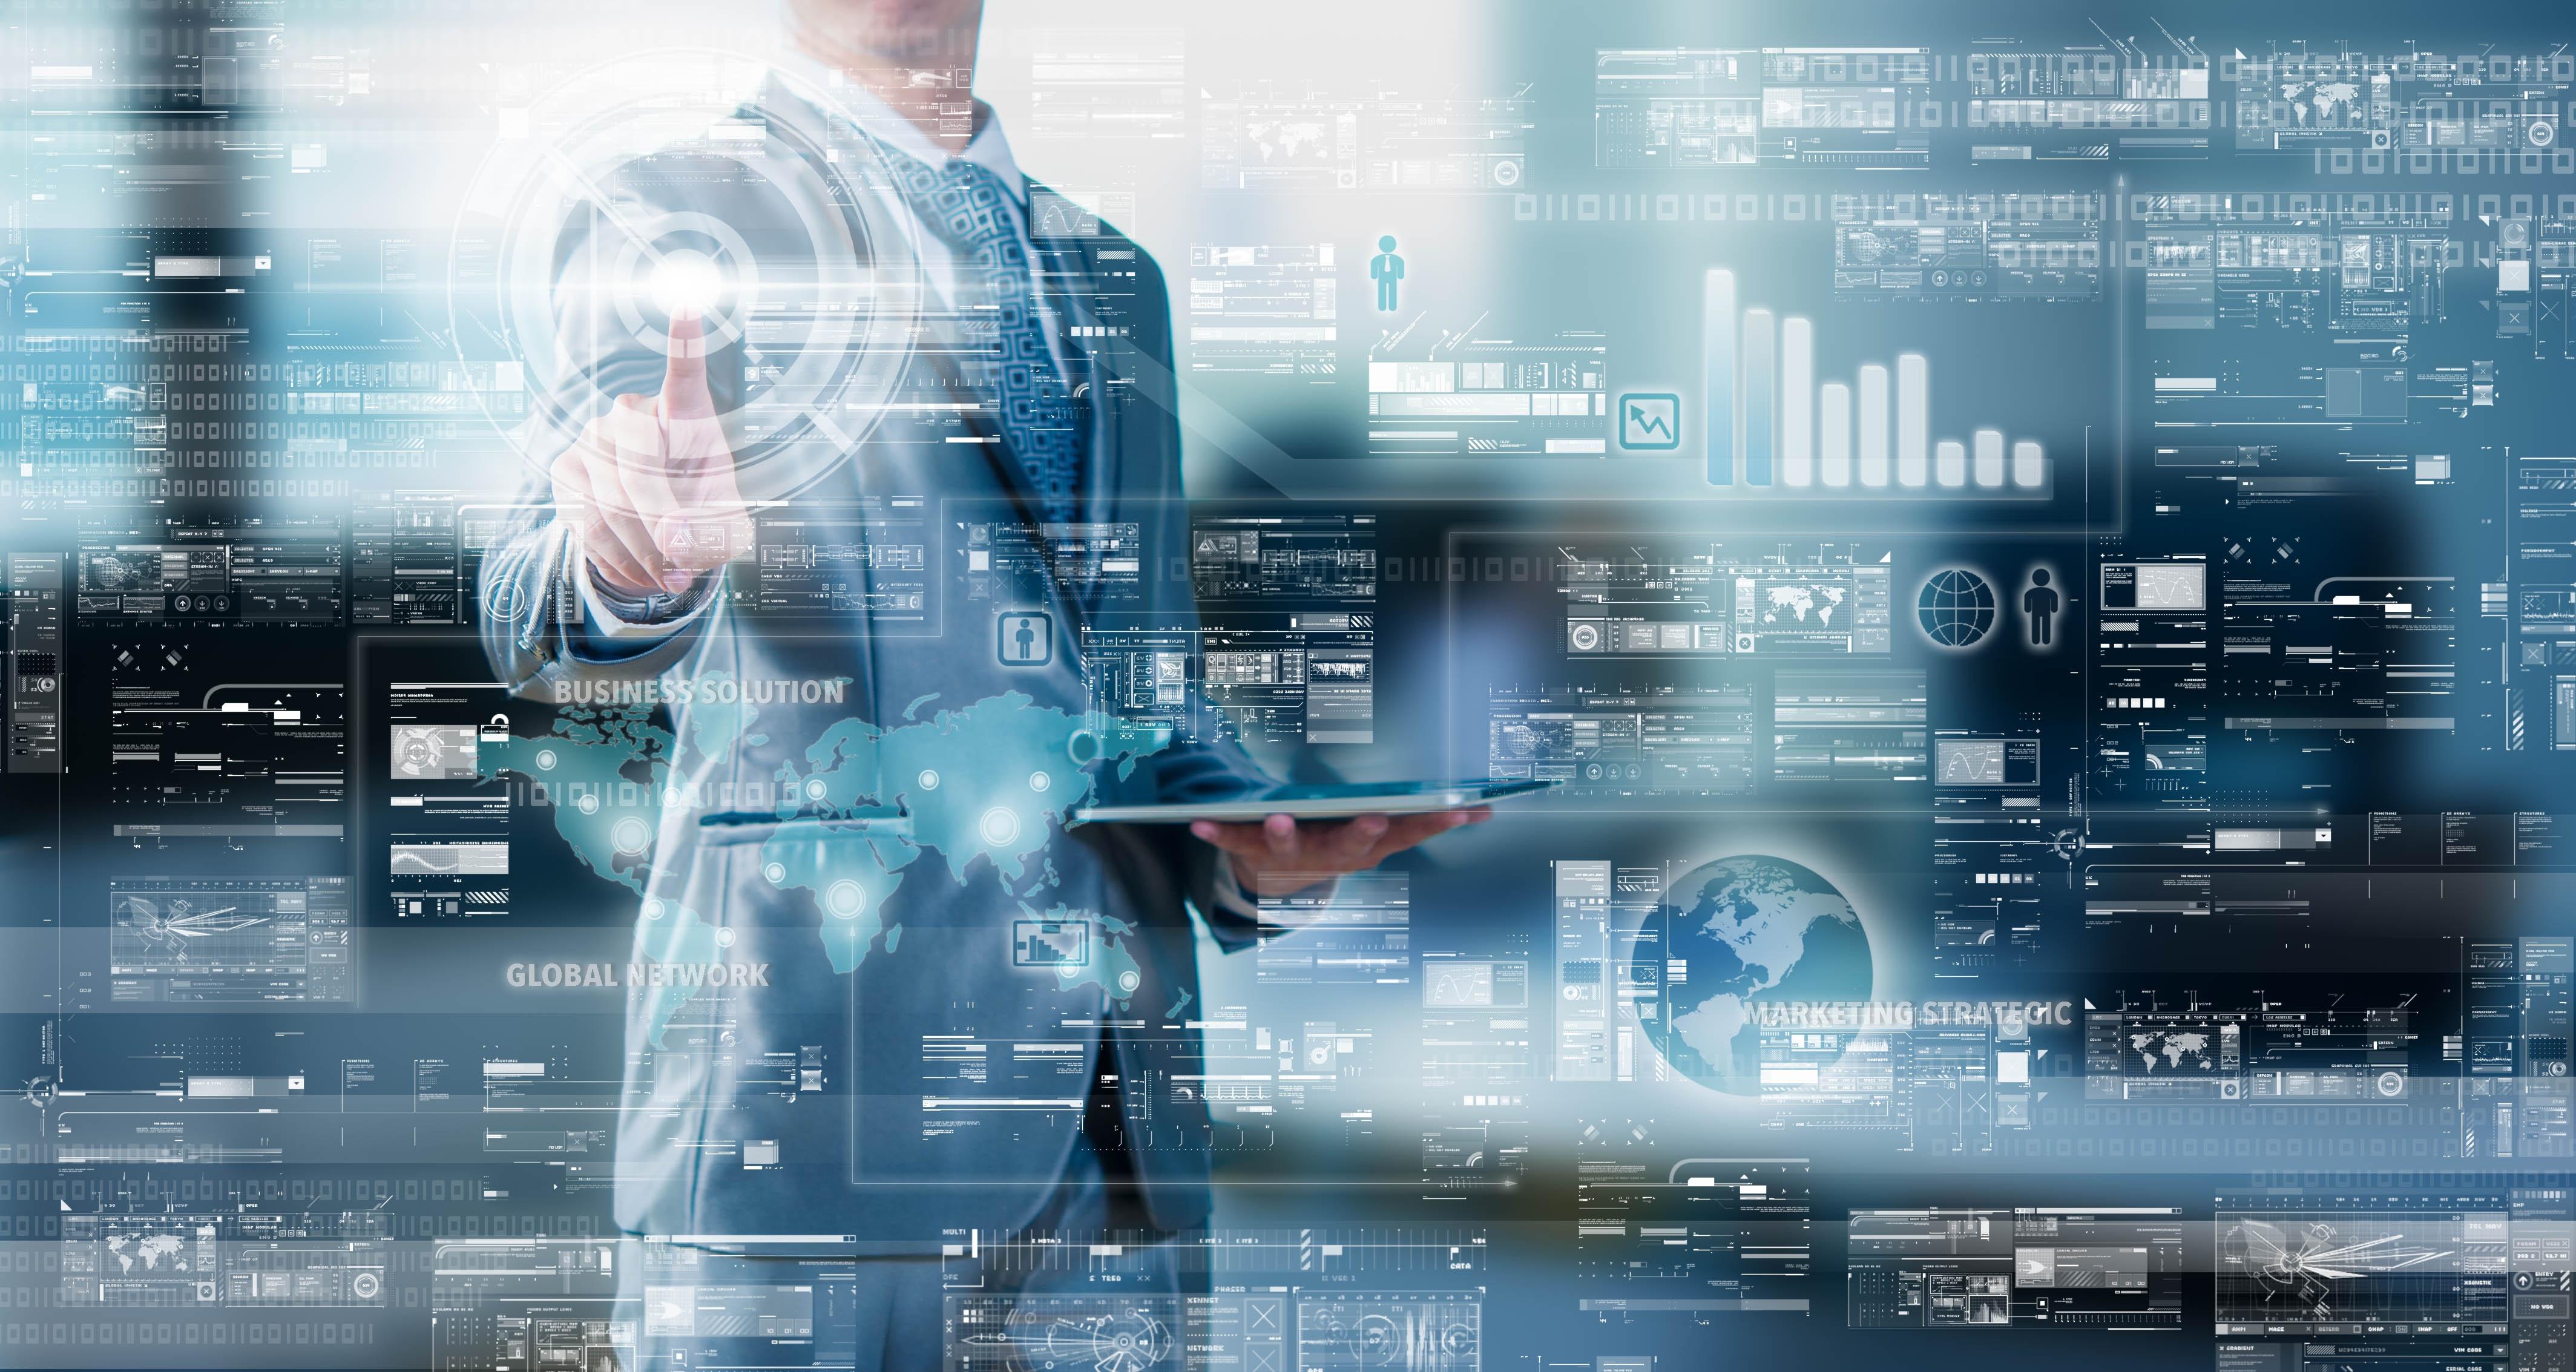 El éxito de una empresa impulsada por datos y el peligro de TI no alineado